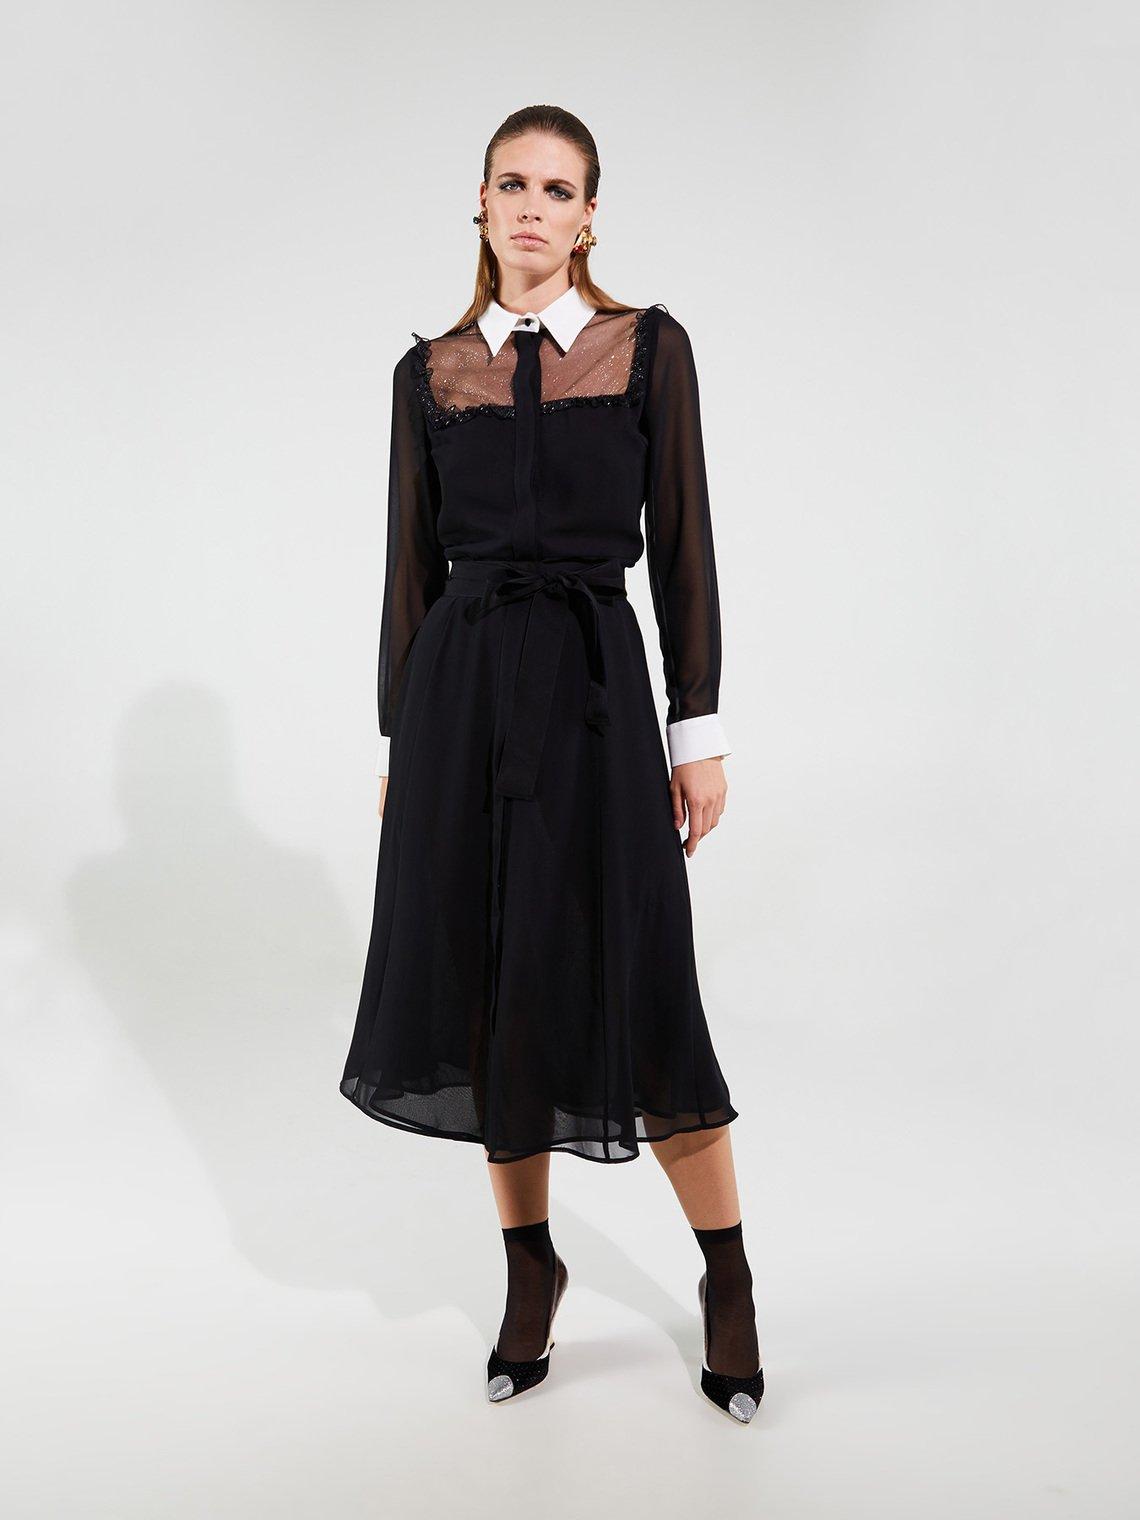 Vestito linea Smart Couture Motivi prezzo 249 euro inverno 2019 2020